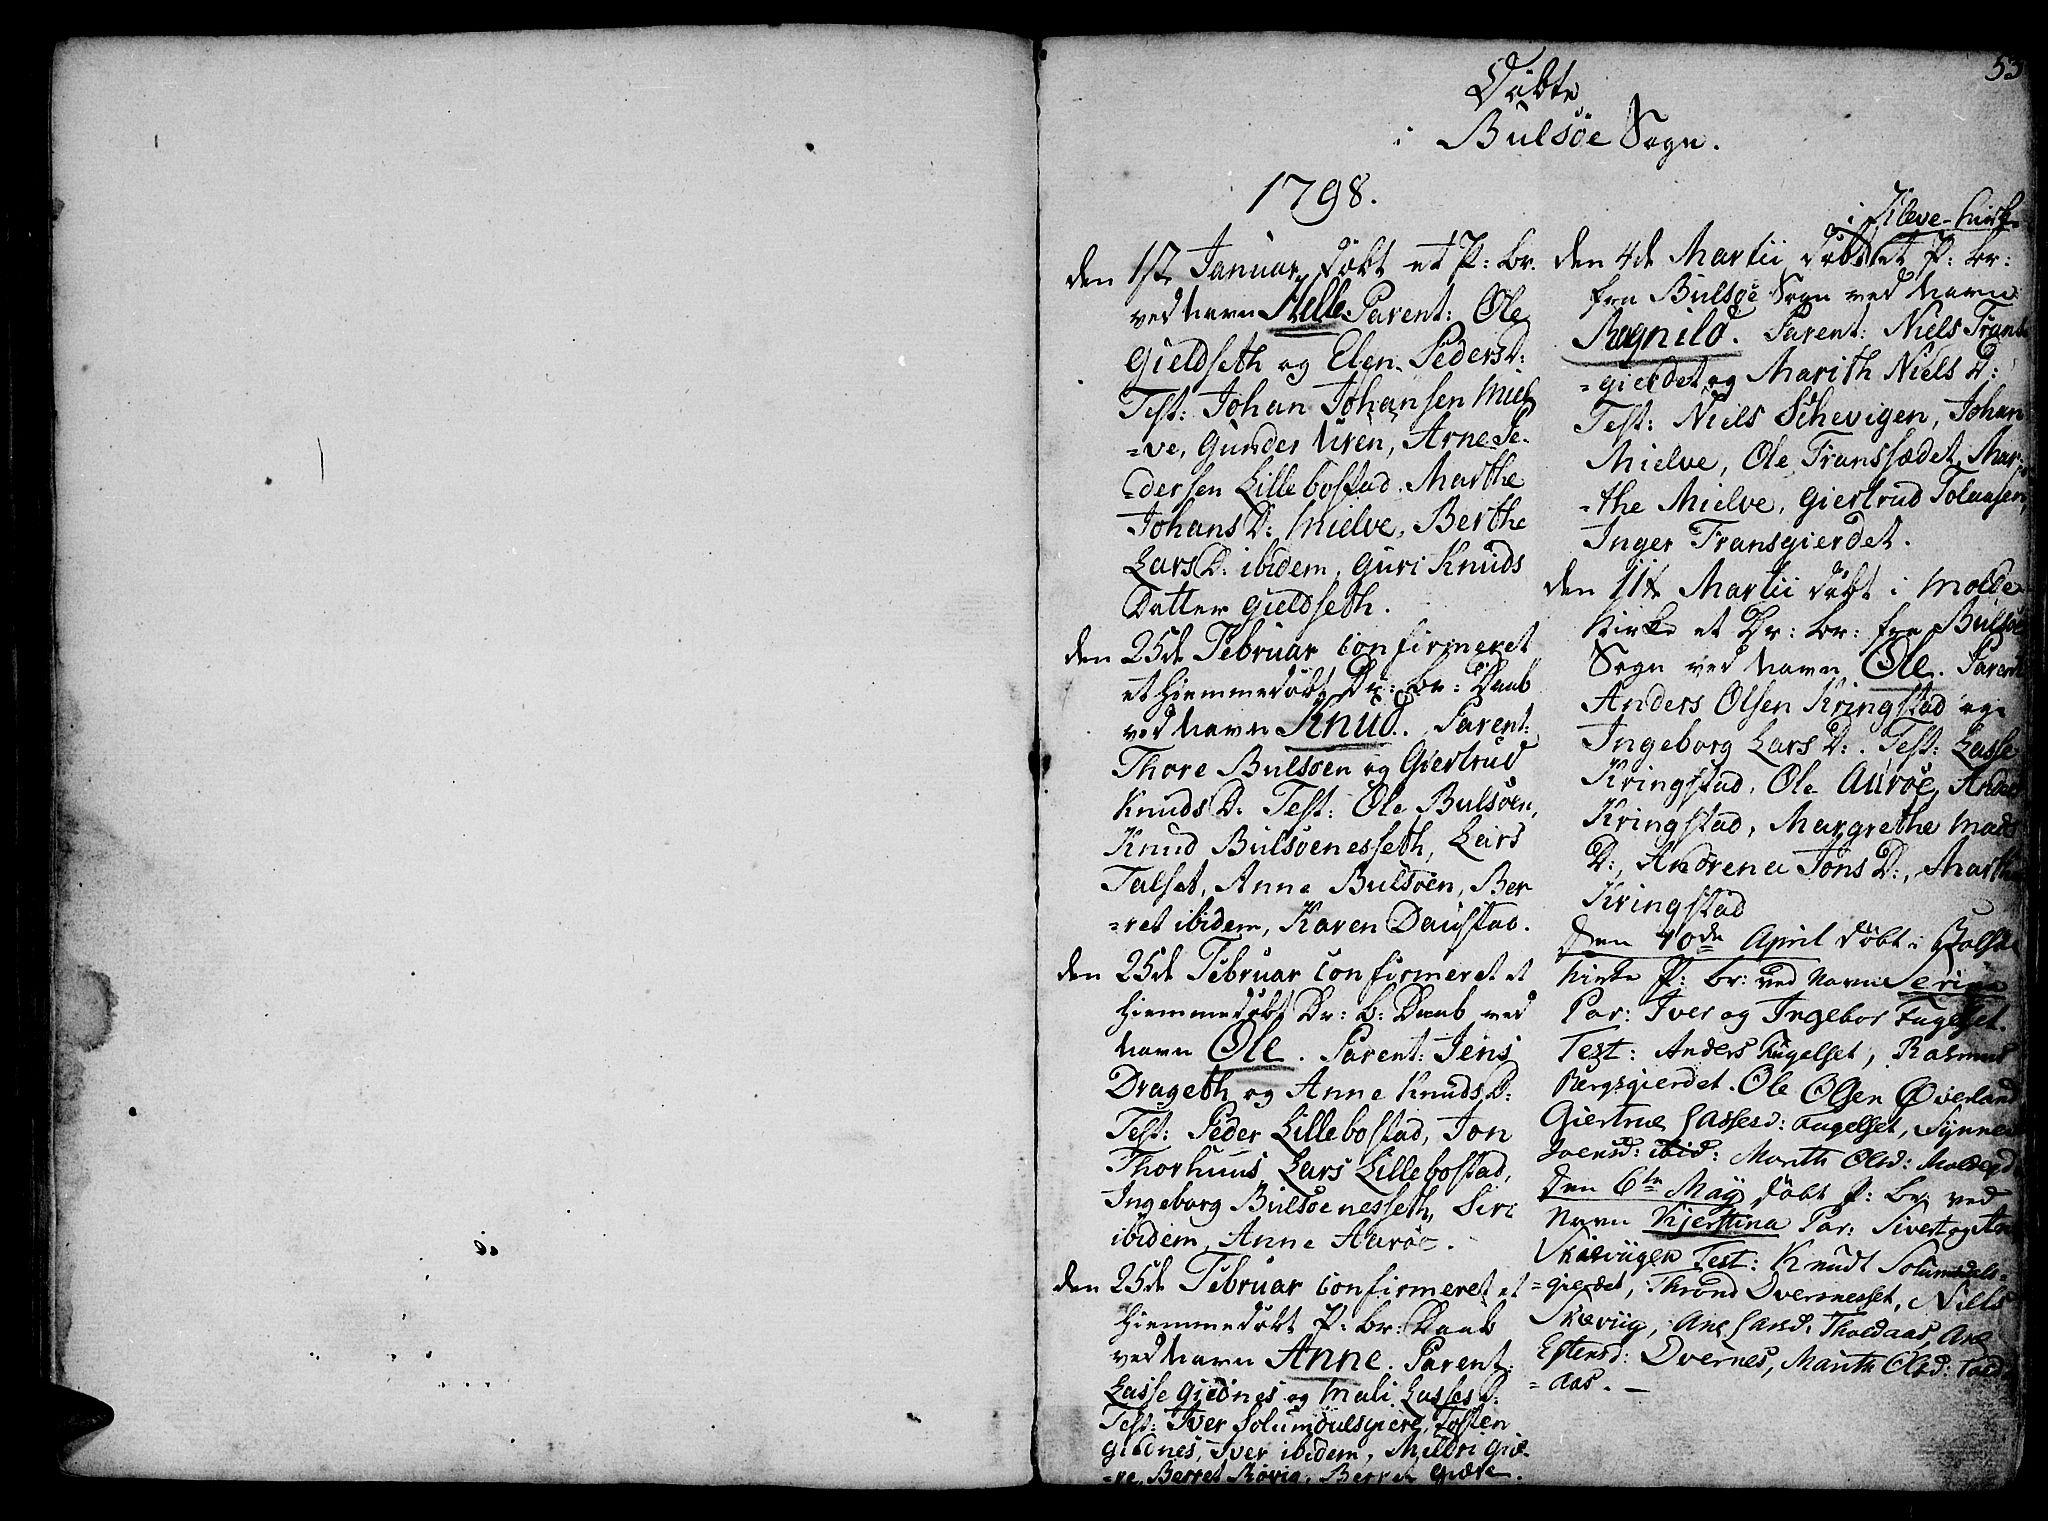 SAT, Ministerialprotokoller, klokkerbøker og fødselsregistre - Møre og Romsdal, 555/L0649: Ministerialbok nr. 555A02 /1, 1795-1821, s. 53